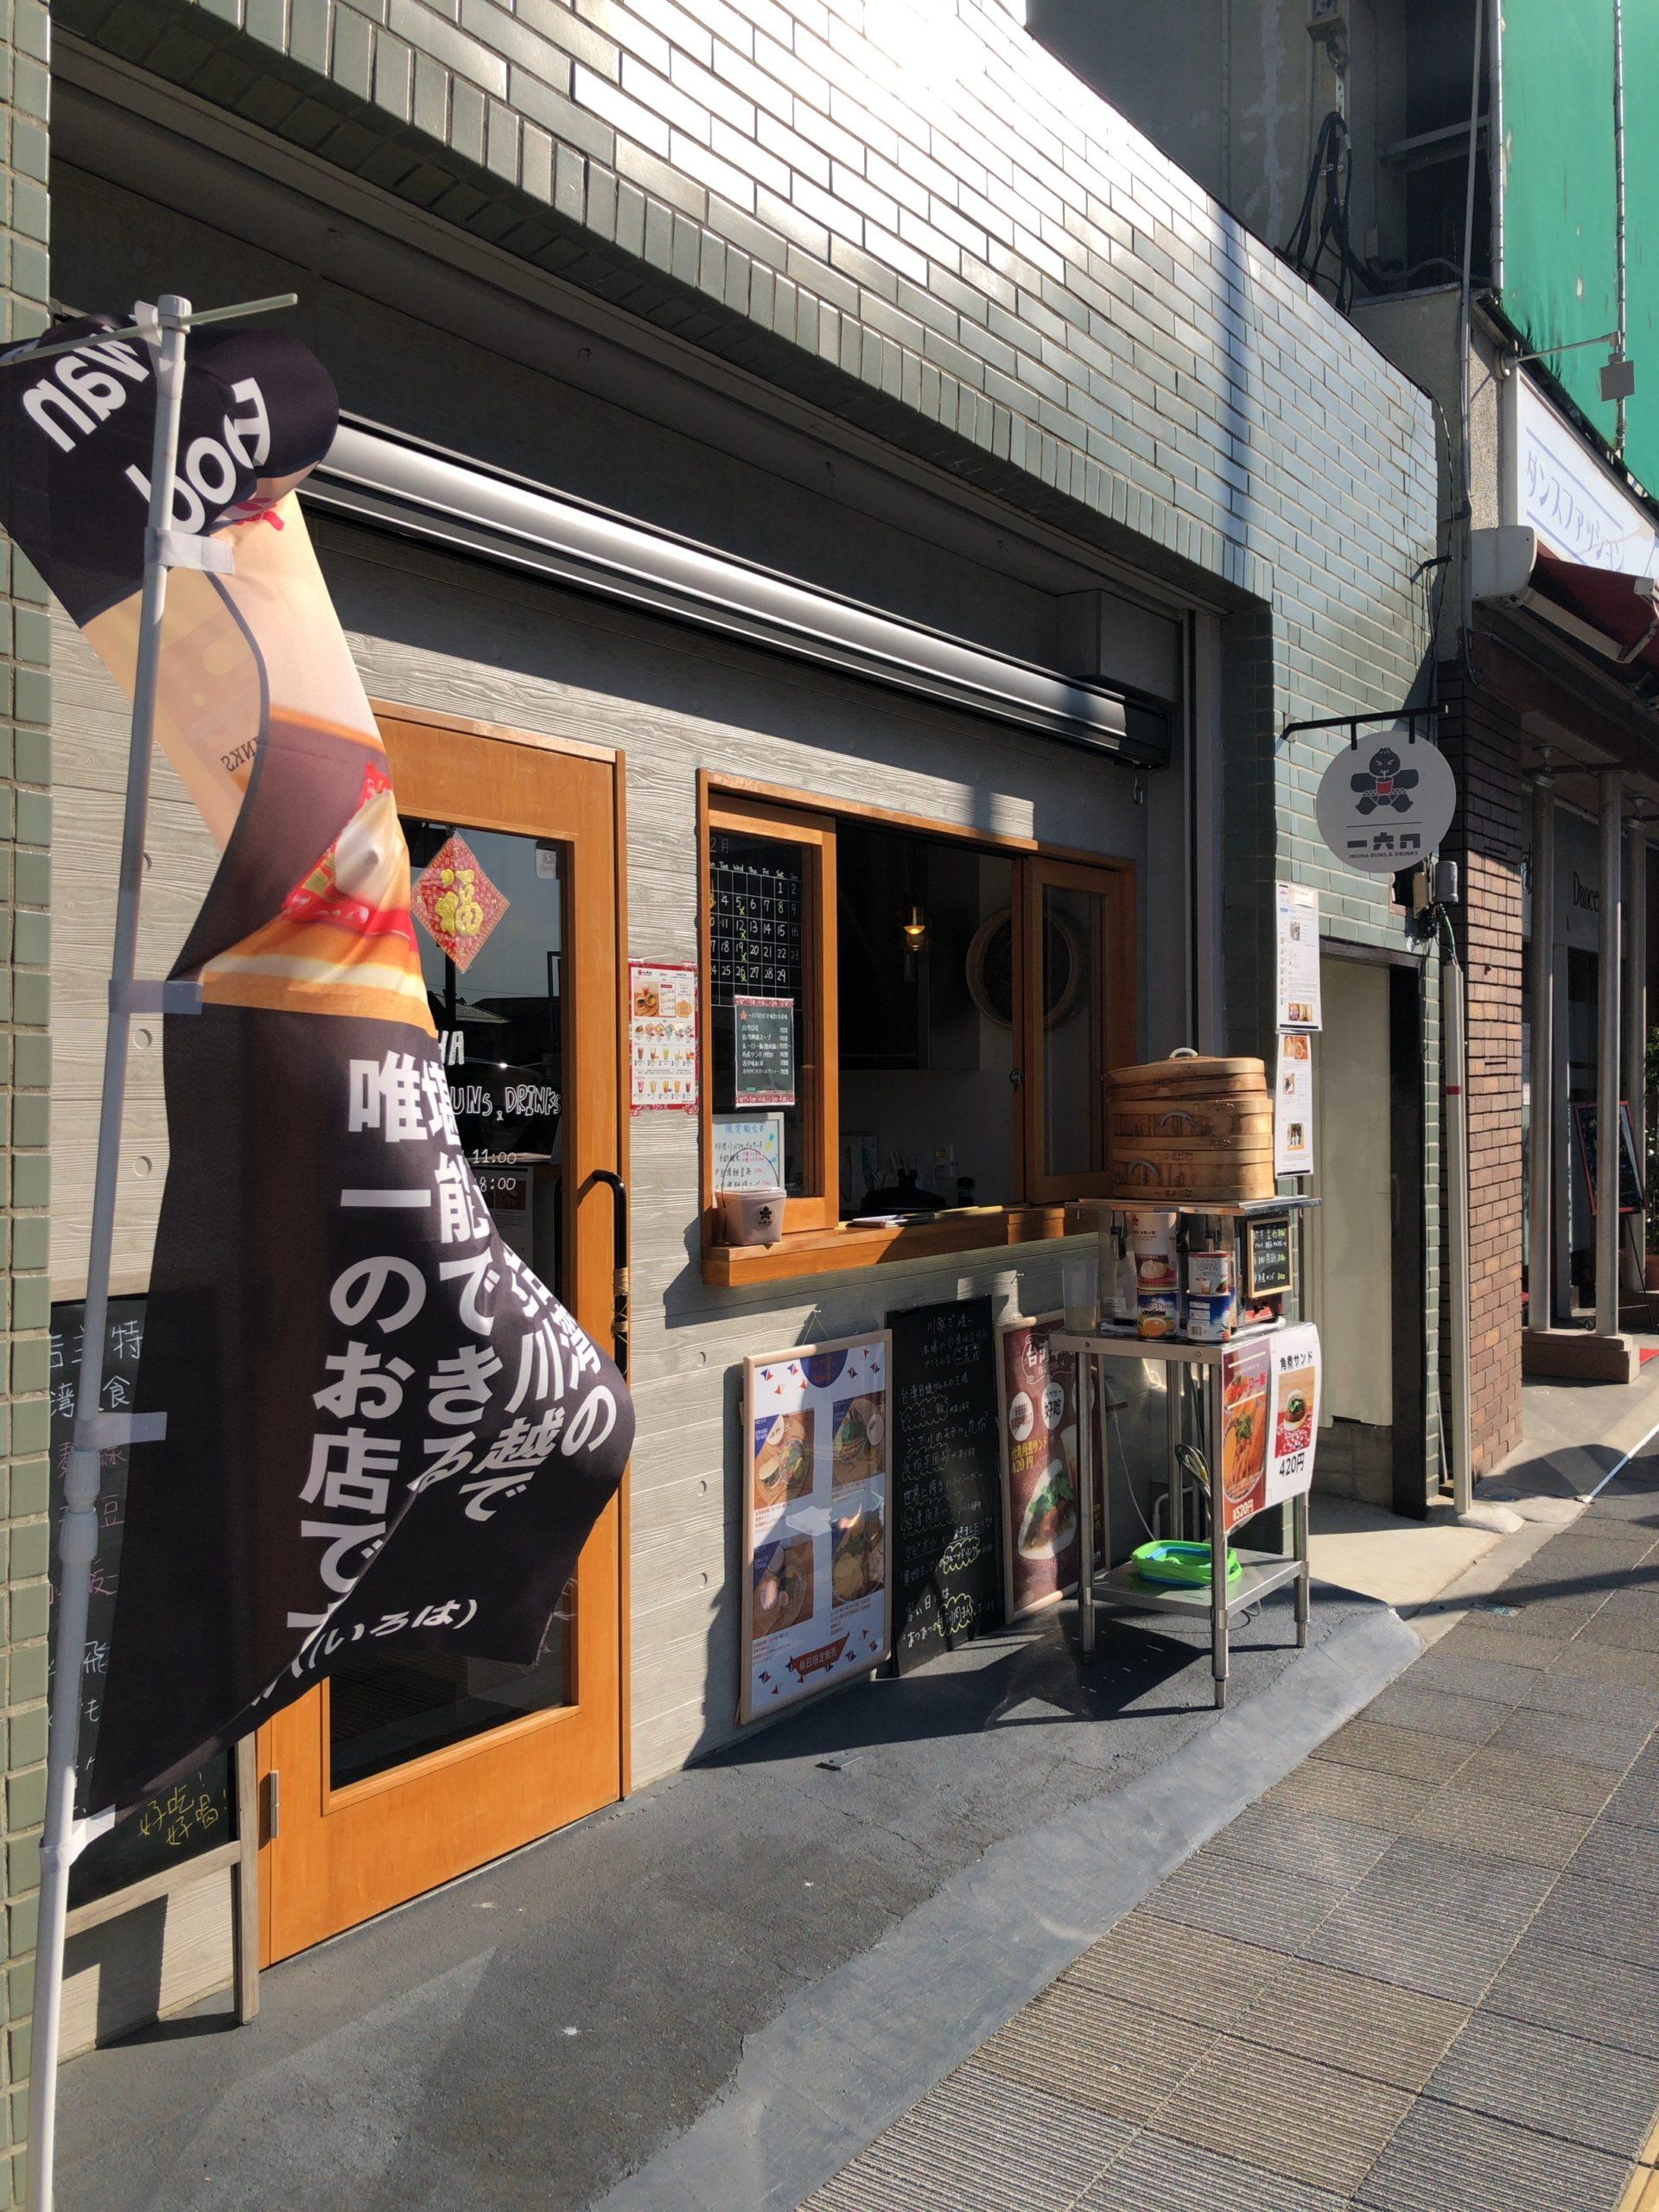 【川越】一六八(いろは)はタピオカからルーロー飯まで!台湾人オーナーが作る本場の味を楽しめます